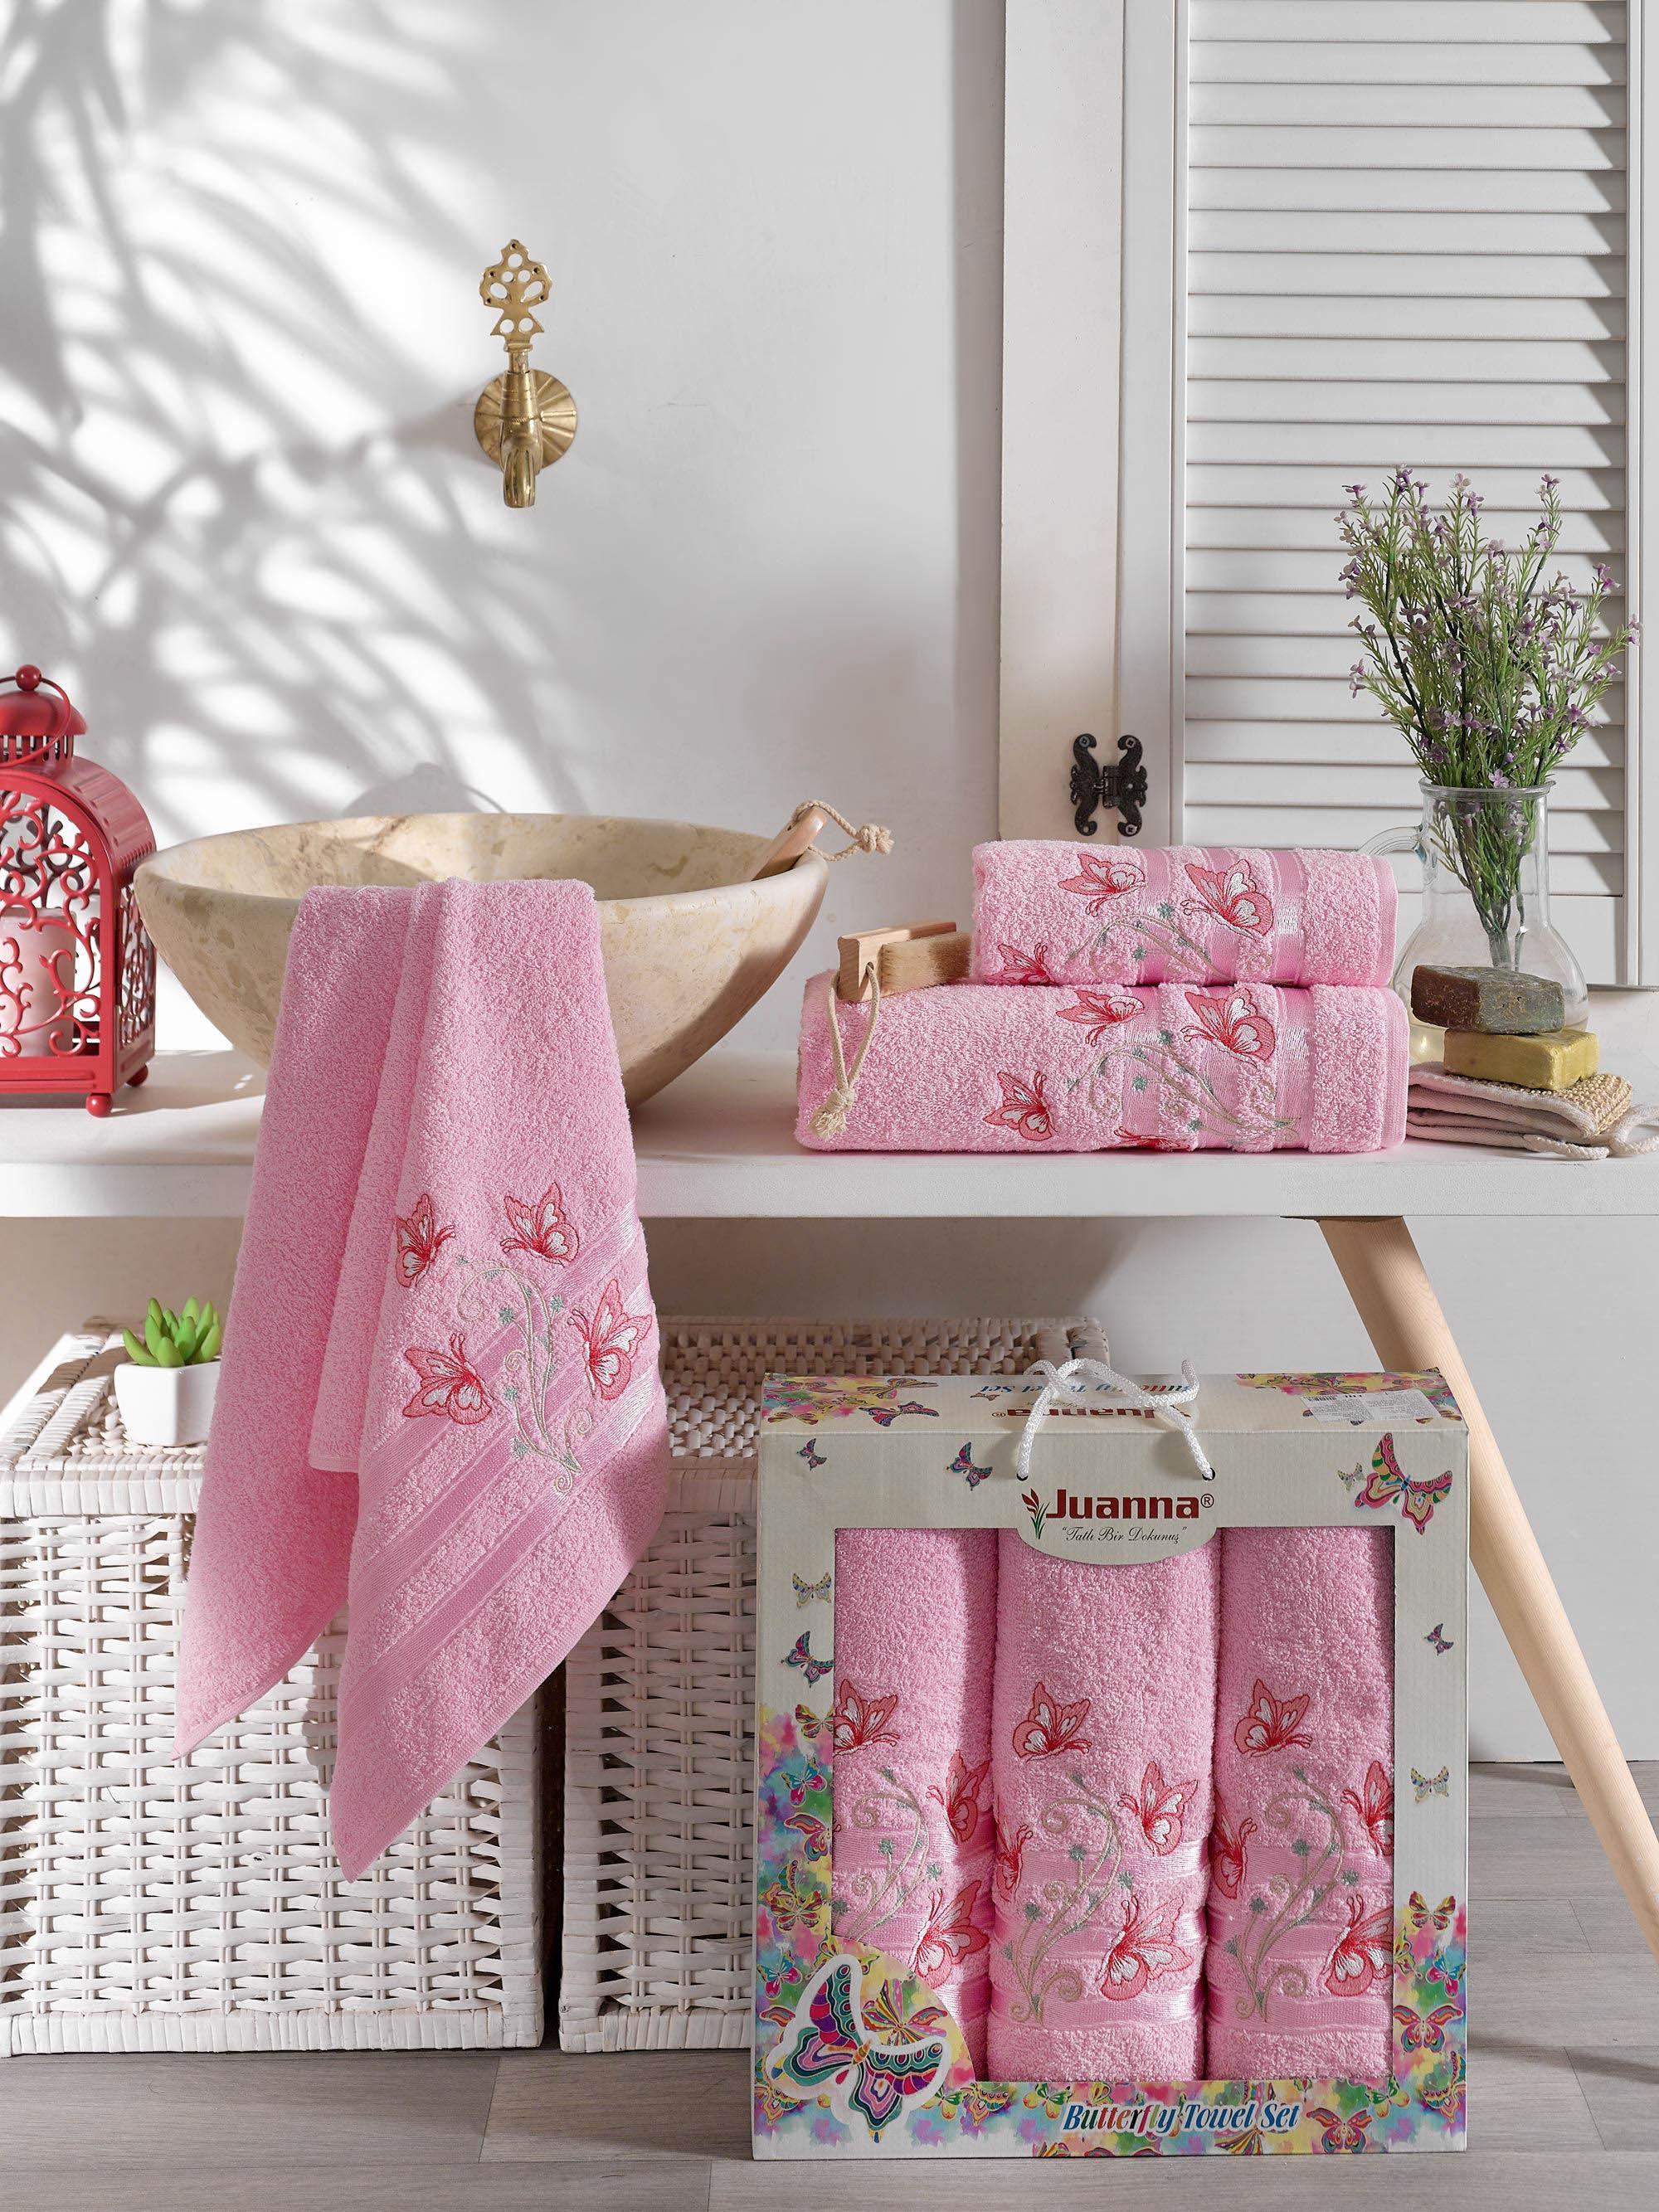 Полотенца Juanna Полотенце Kelebek Цвет: Розовый (50х90 см - 2 шт,70х140 см) набор из 3 полотенец merzuka sakura 50х90 2 70х140 8432 терракотовый